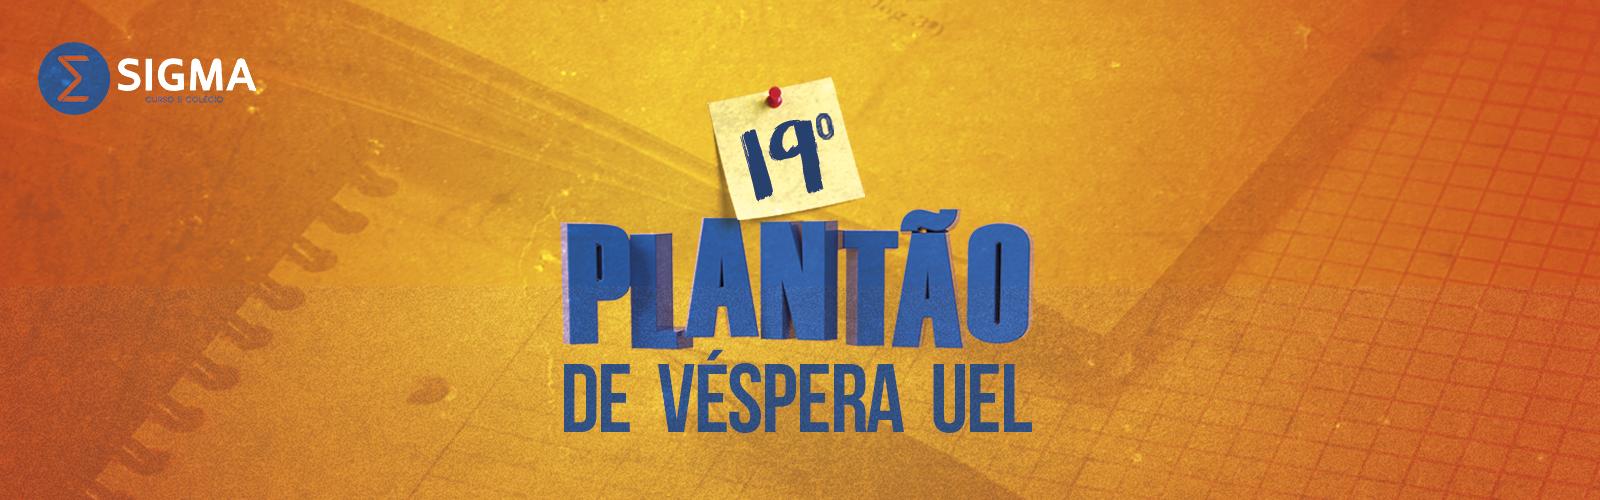 Sigma promove o tradicional Plantão de Véspera da UEL